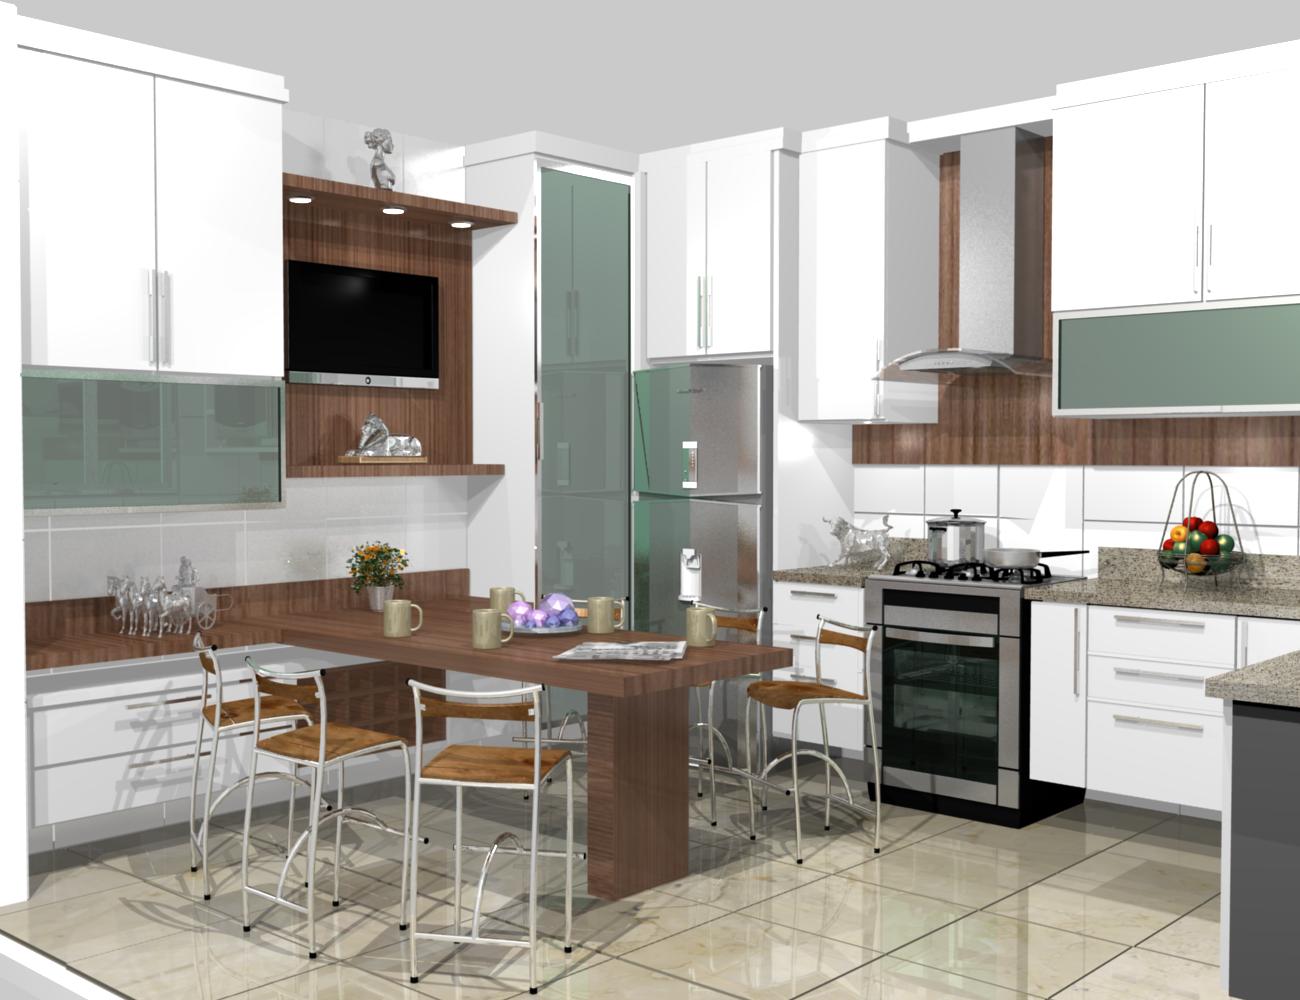 #644A39 cozinhas planejadas cozinhas simples pequenas modernas 1300x1000 px Projetos De Cozinha Americana Planejada_5327 Imagens